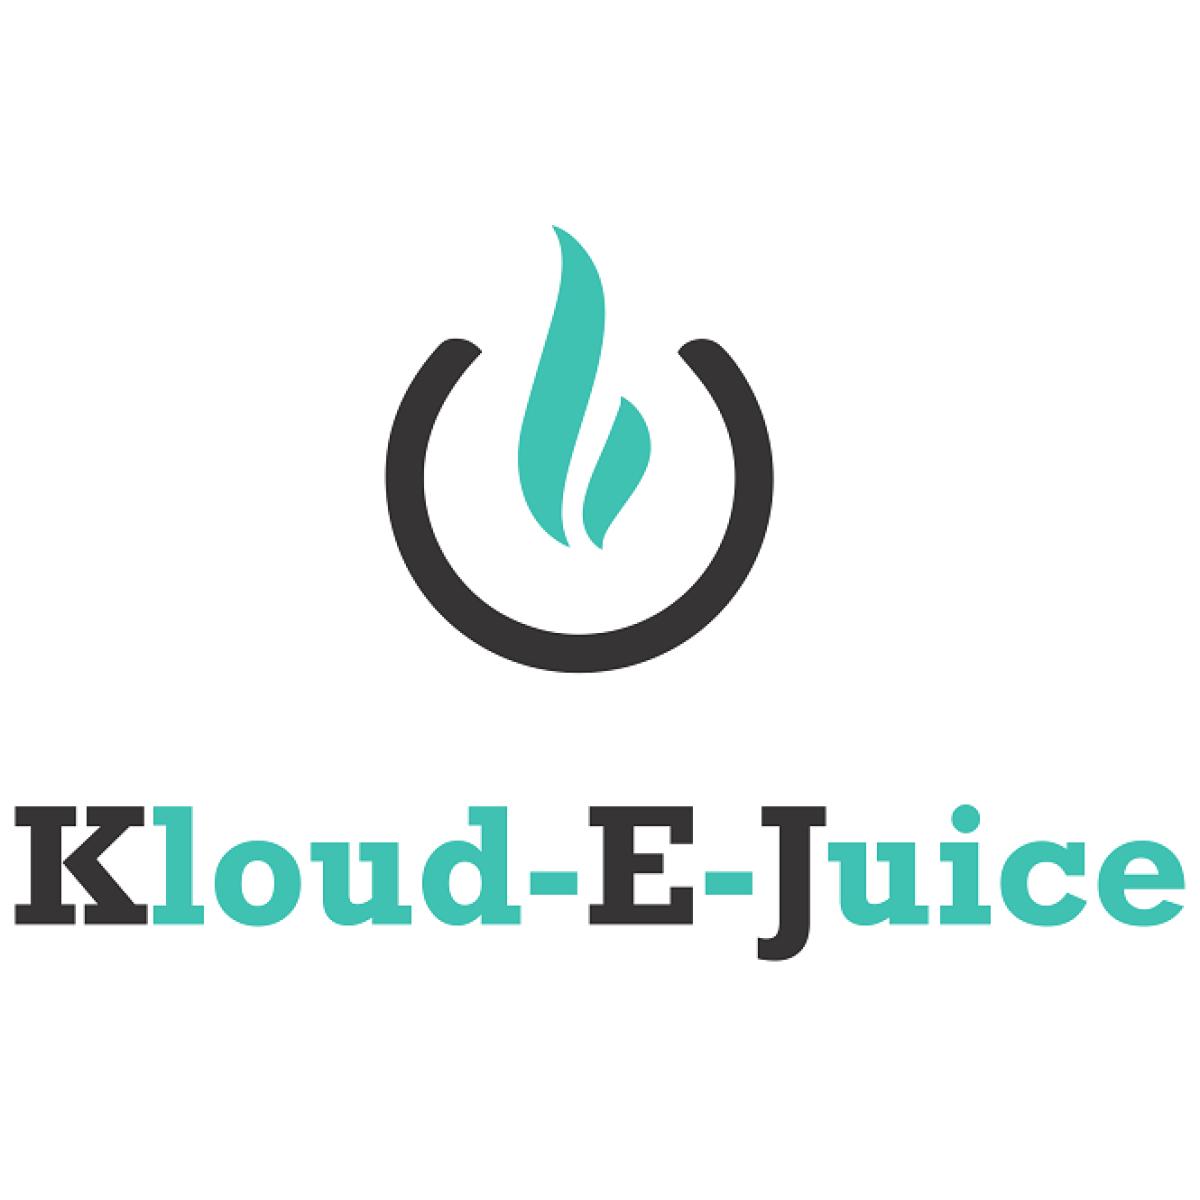 KloudE Juice